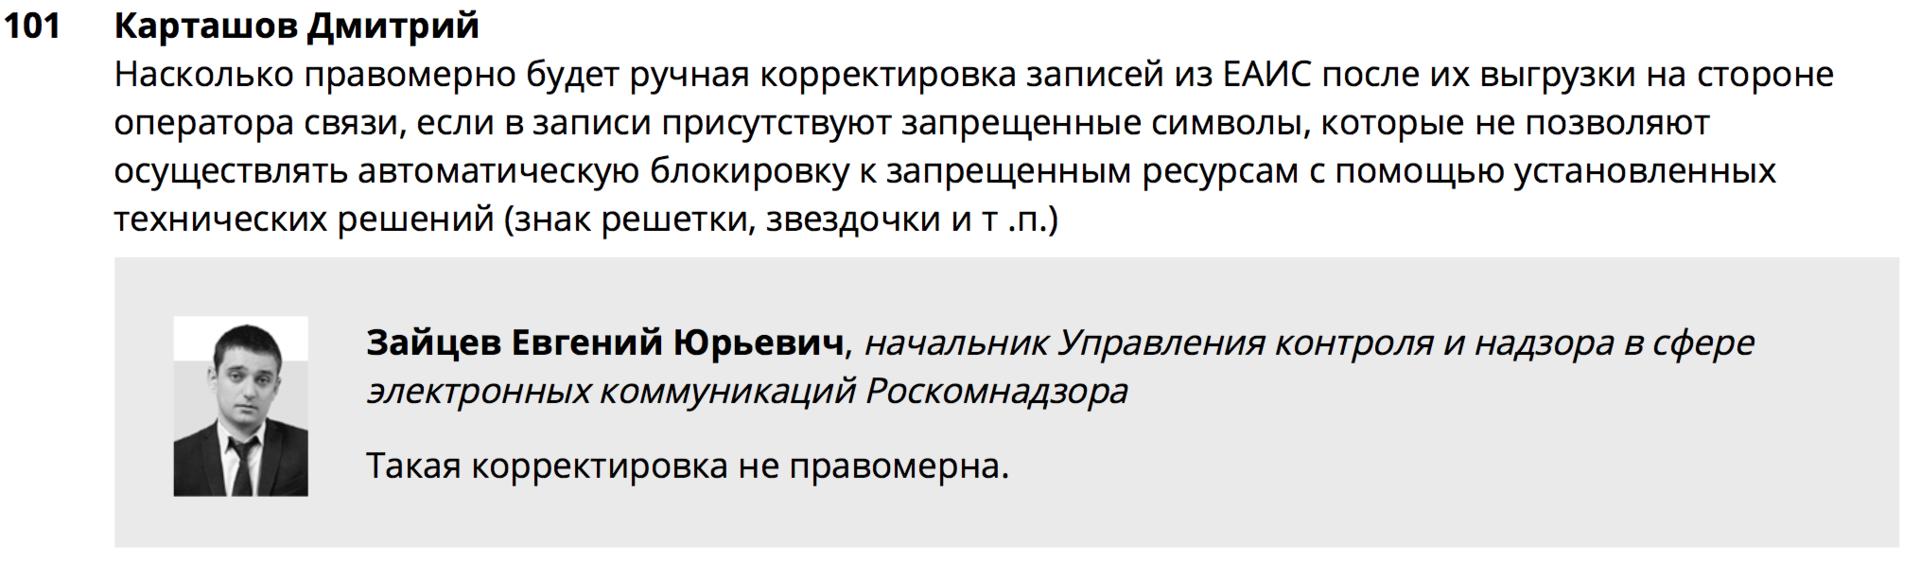 Анализ он-лайн конференций РКН на тему: «проблемные вопросы ограничения доступа к информации...» - 7